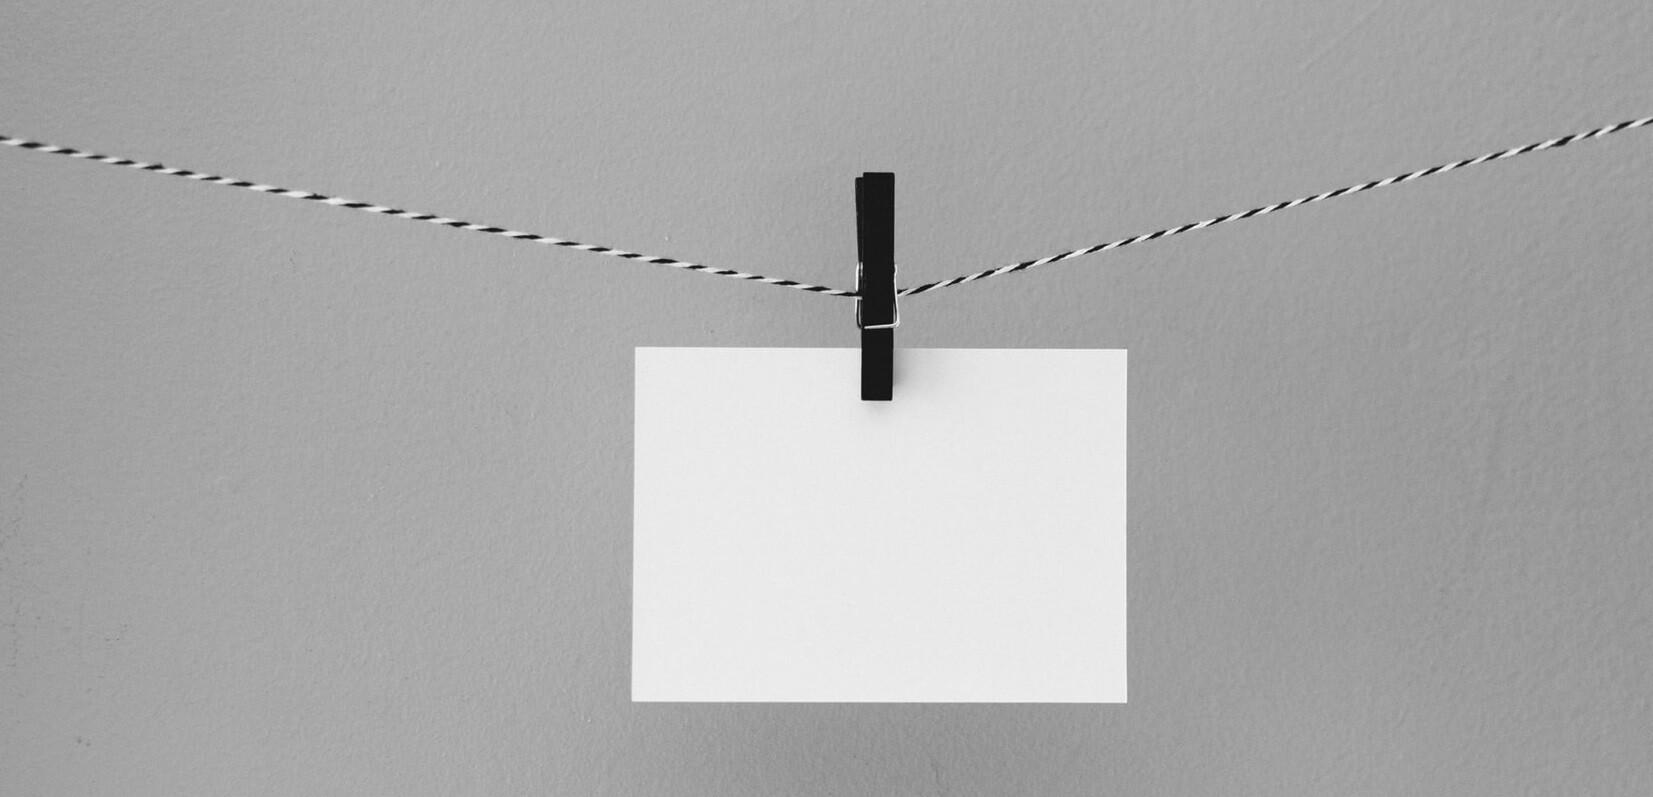 comunicação acessível - papel em branco pendurado em um varal